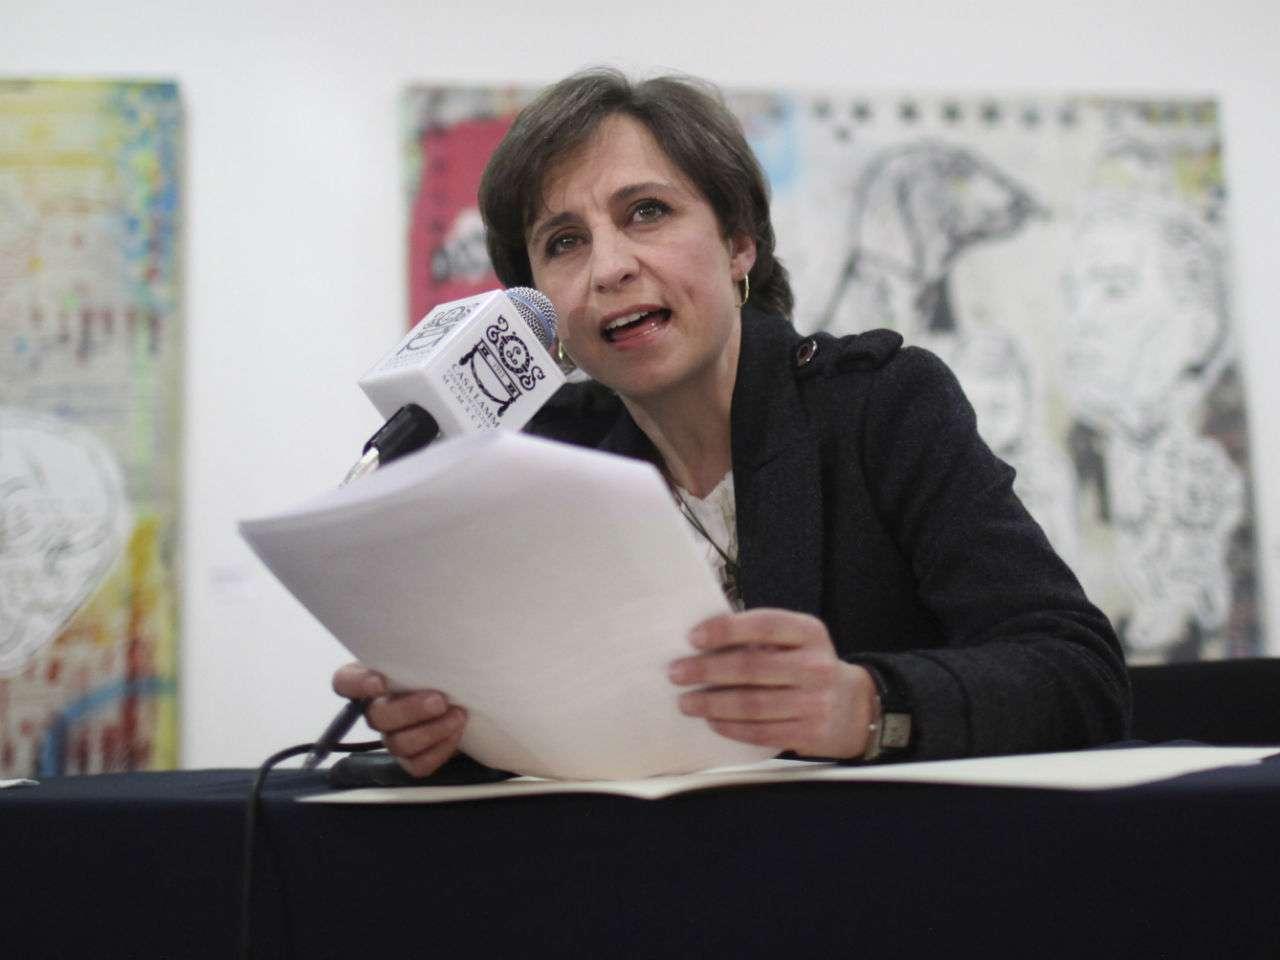 """Según Carmen Aristegui, """"el control y cooptación de medios por autoridades y gobiernos es también parte de la realidad en el país"""". Foto: Archivo/AP en español"""